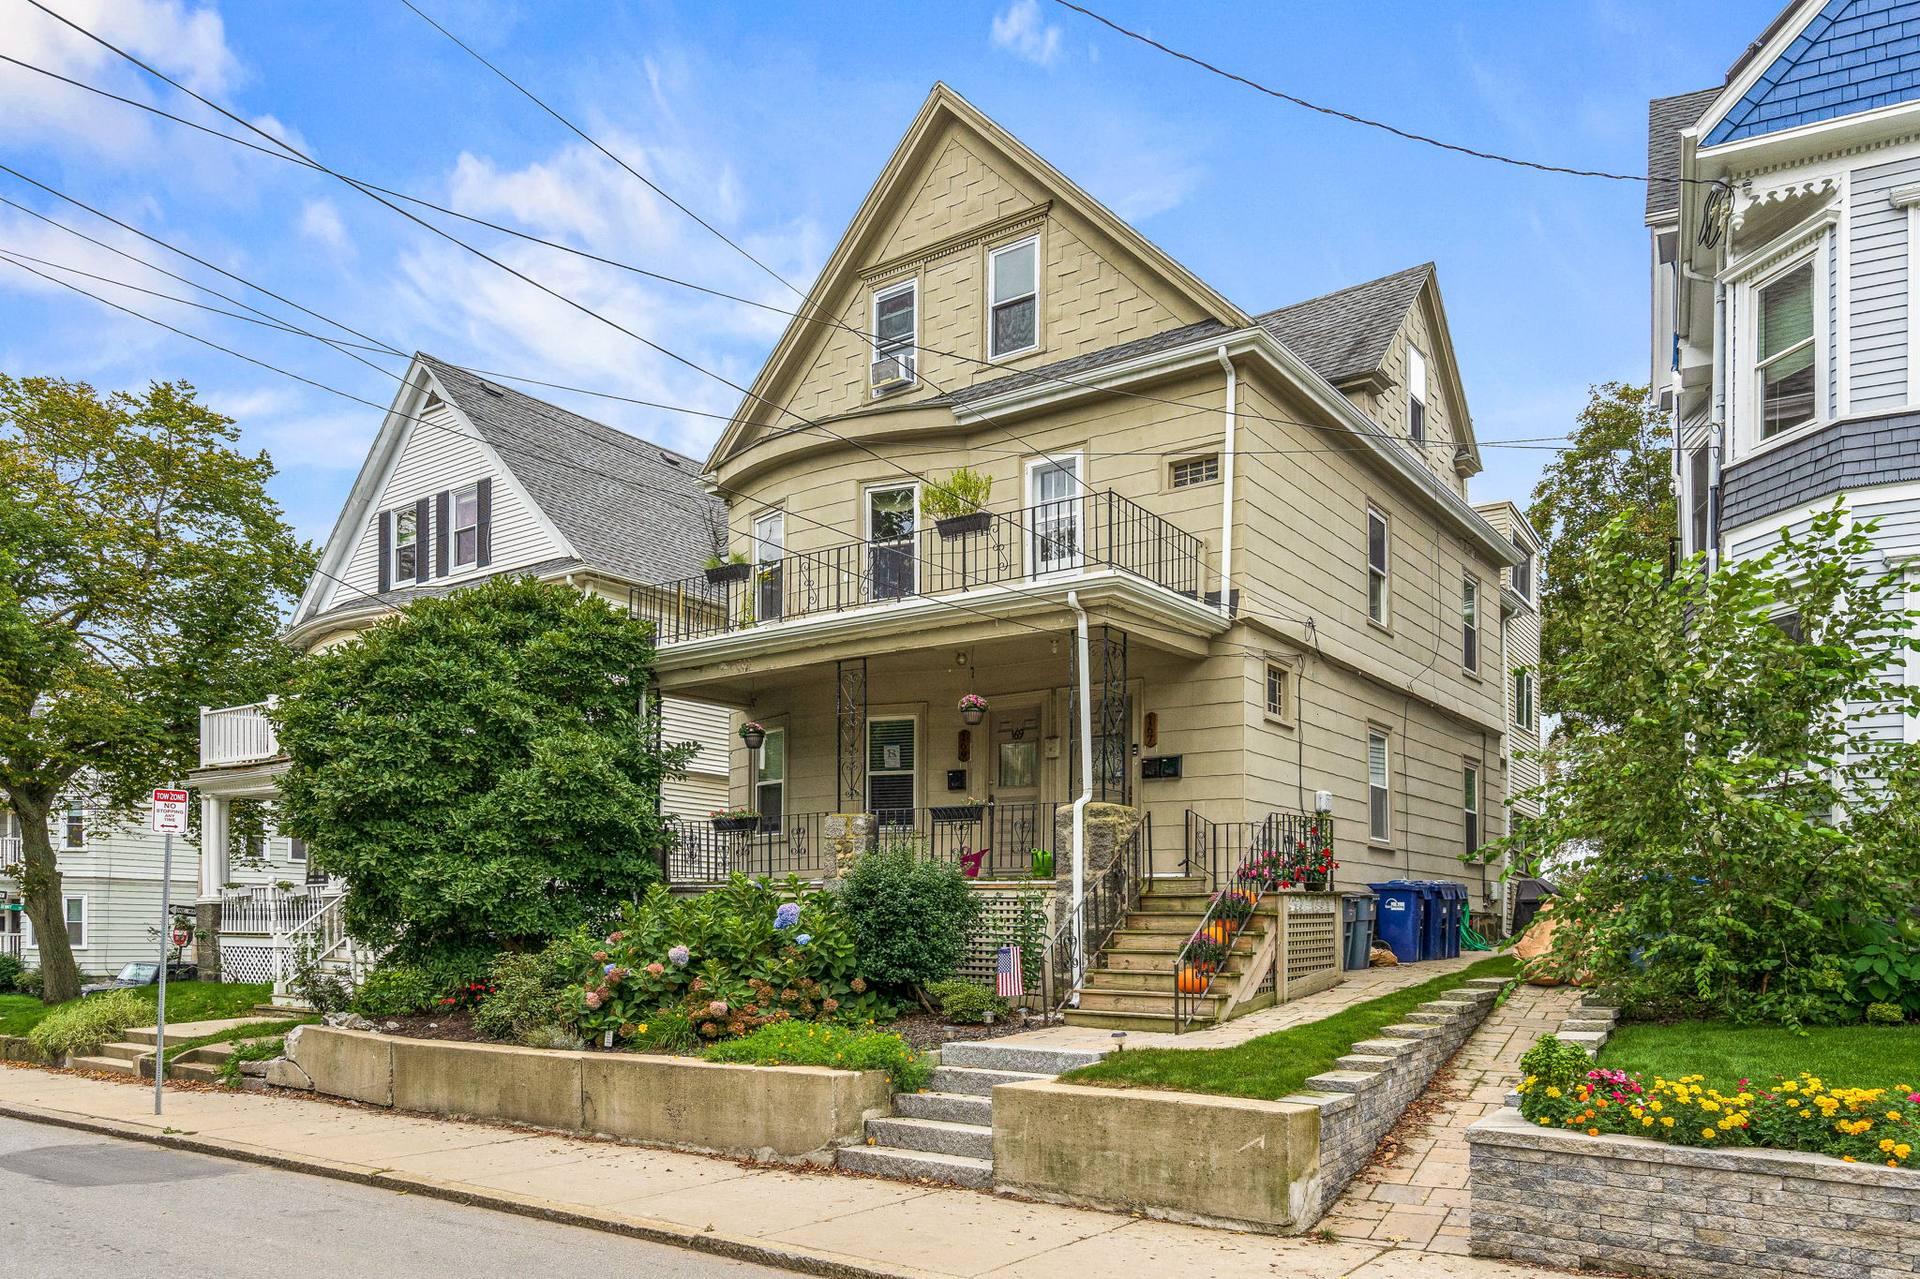 167 Savin Hill Ave, Boston, MA 02125, USA